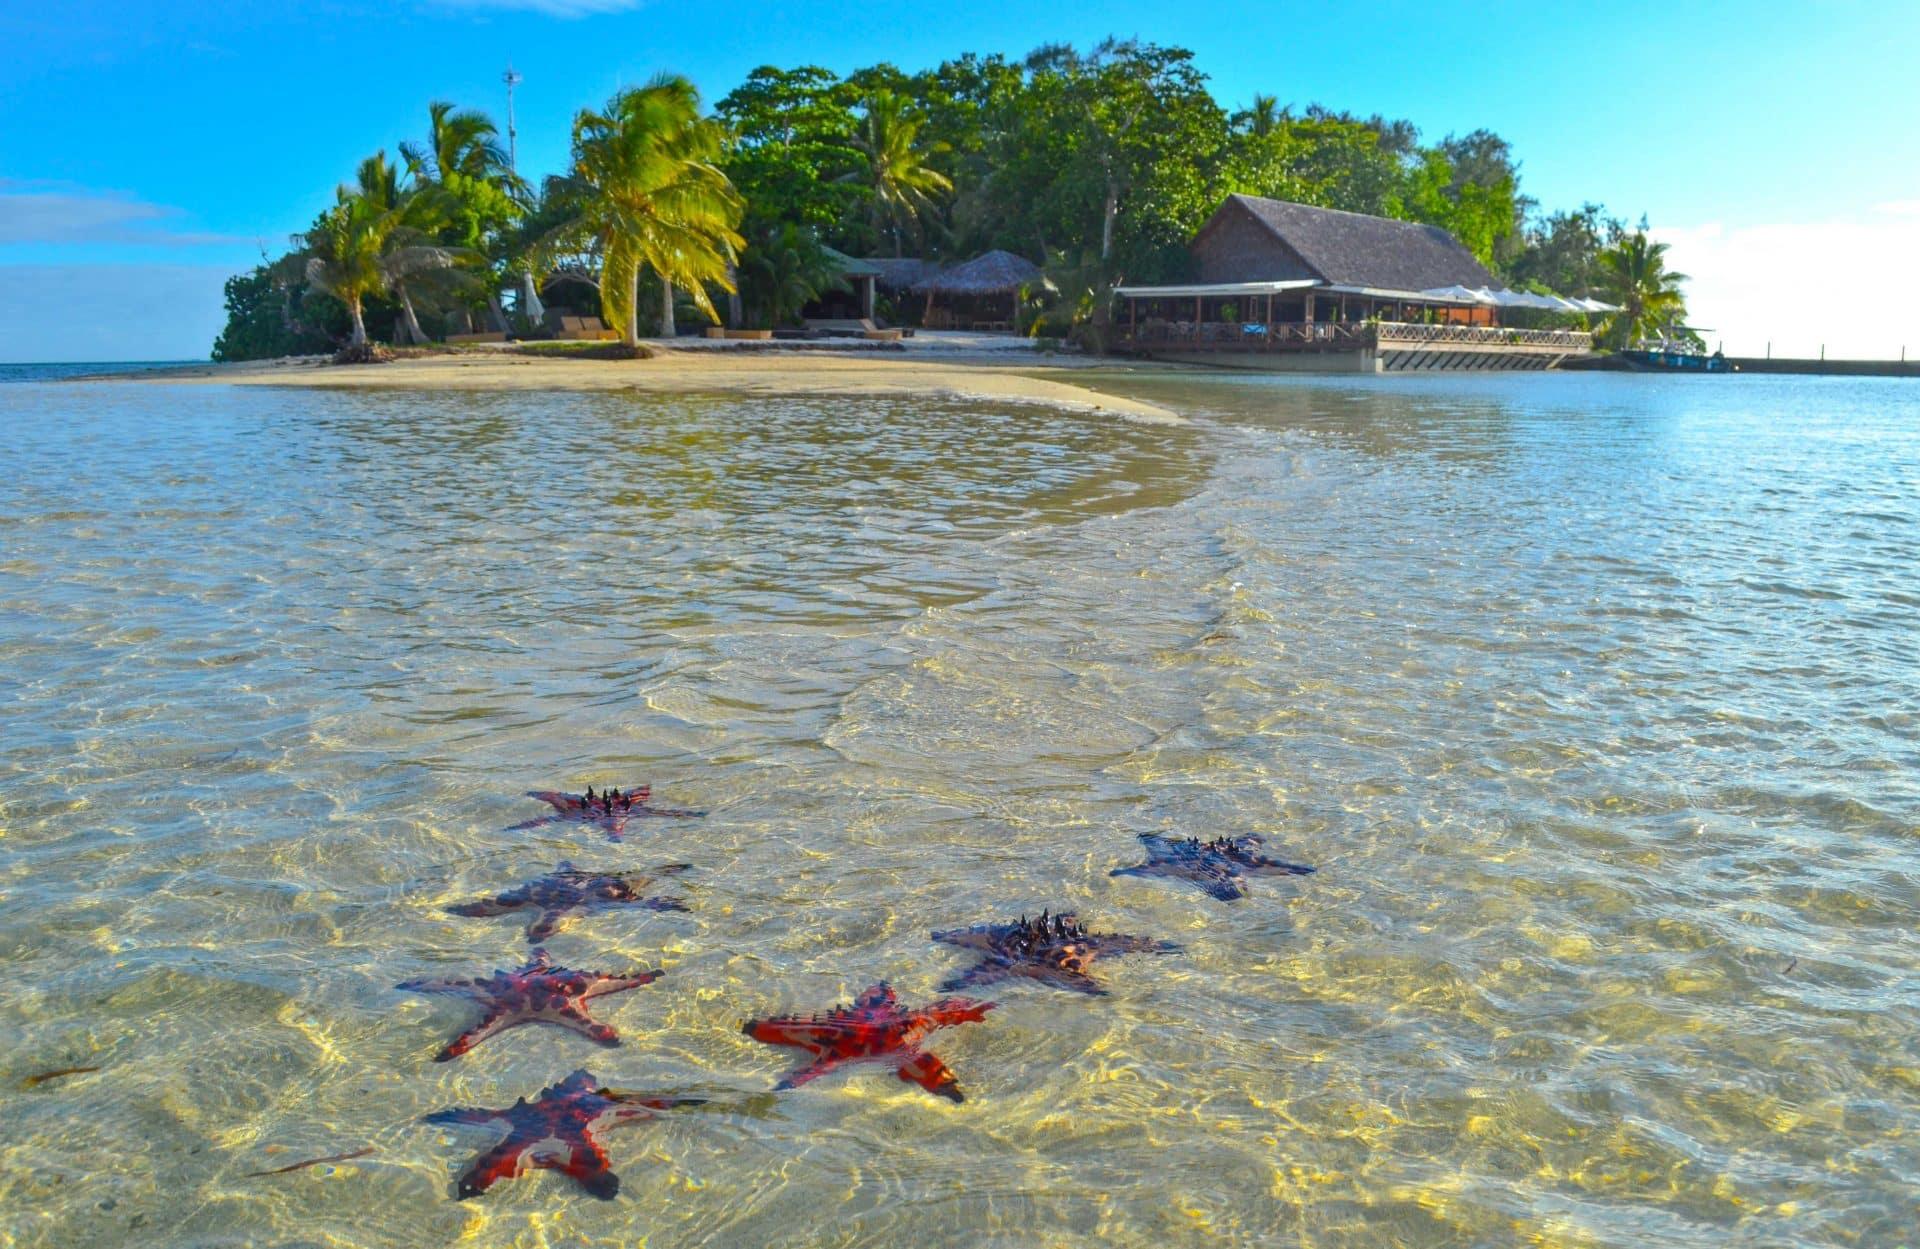 Erakor Island Resort Vanuatu